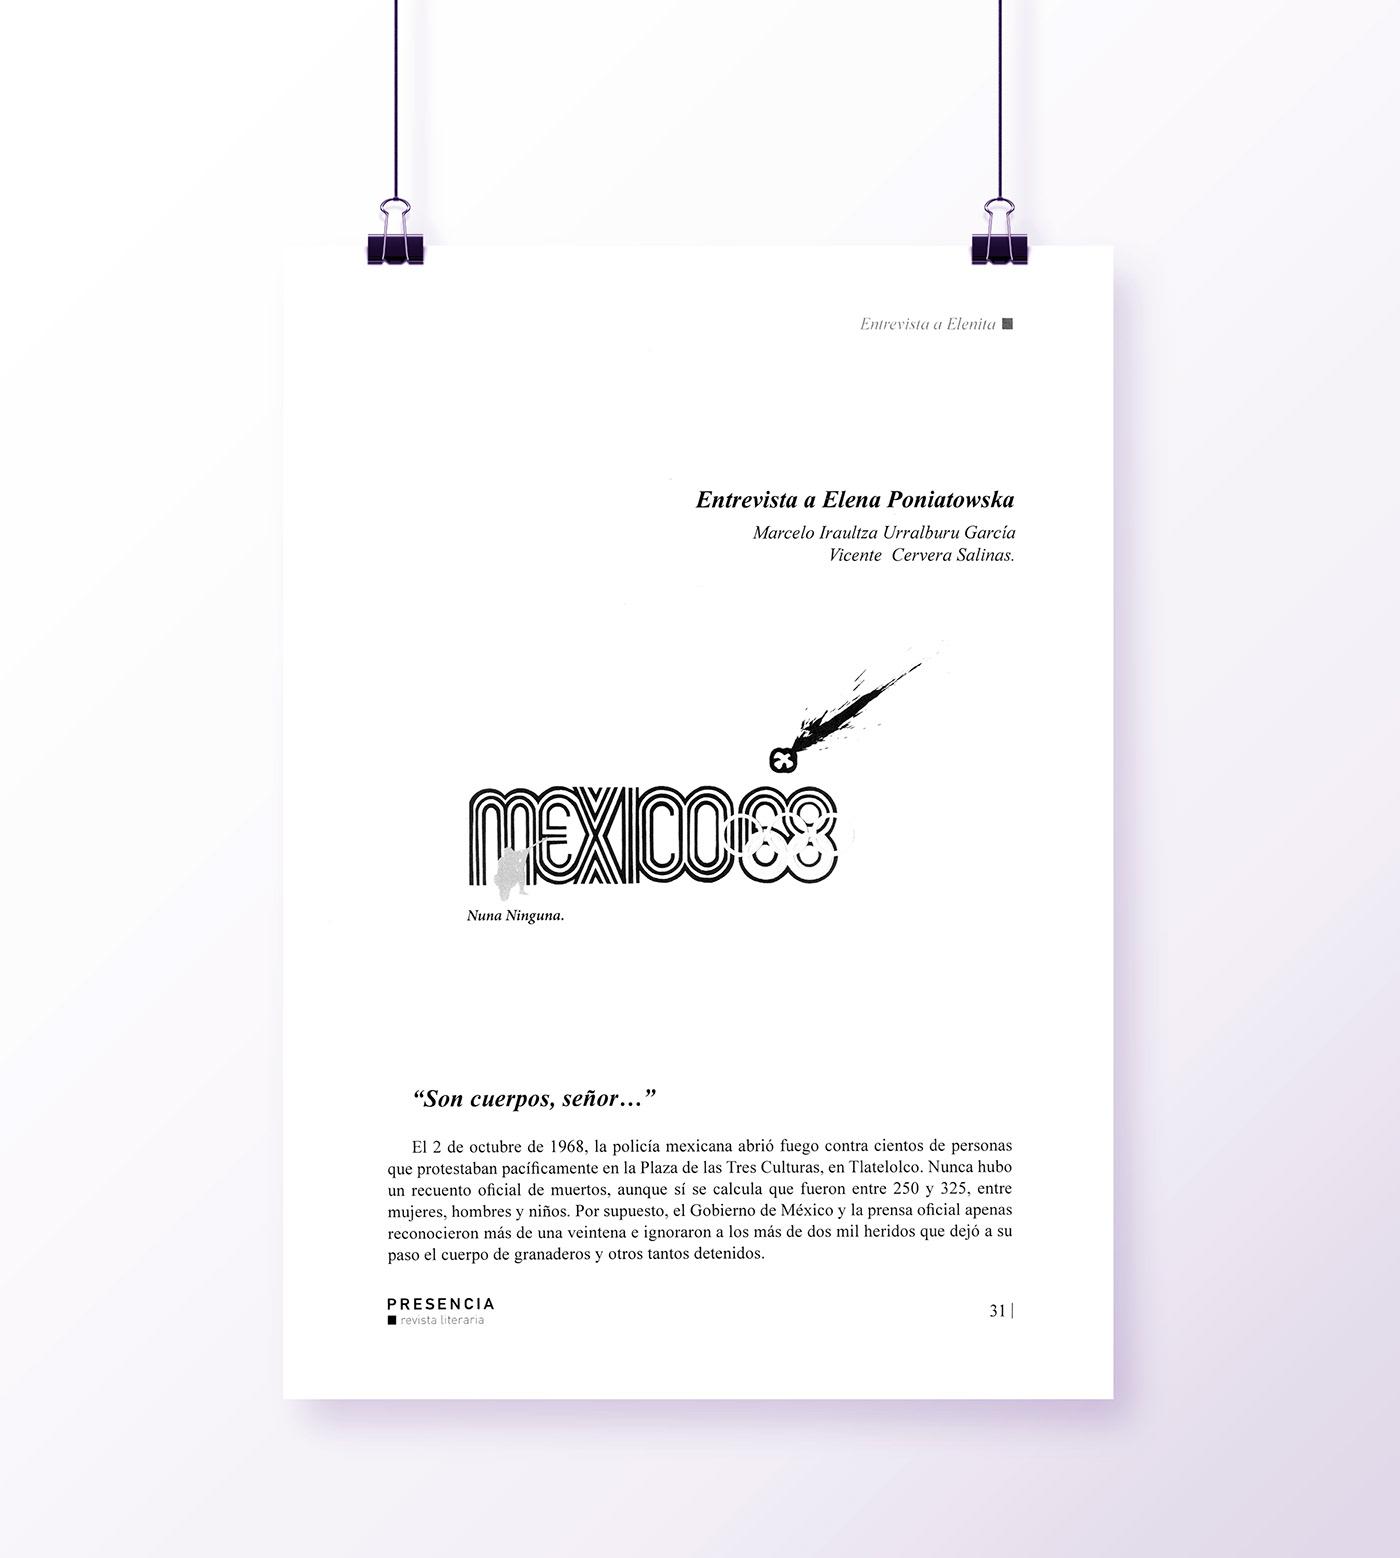 2 de octubre Digital Art  diseño illustracion México 68 revista literária